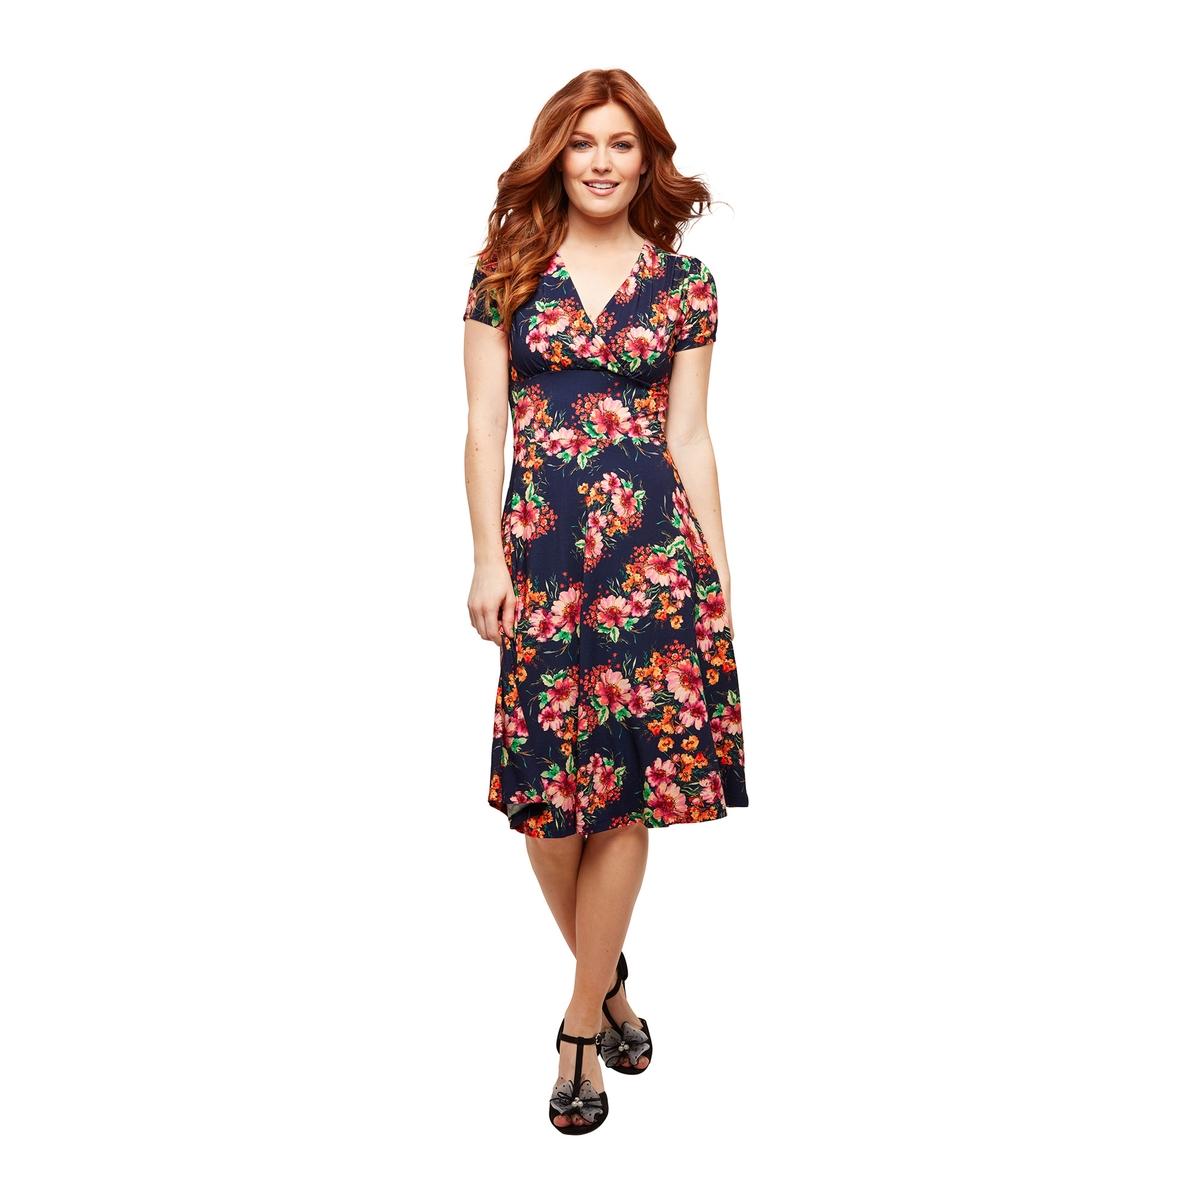 Платье-миди La Redoute С короткими рукавами цветочным рисунком 38 (FR) - 44 (RUS) синий платье la redoute прямое с цветочным рисунком и короткими рукавами 36 fr 42 rus зеленый